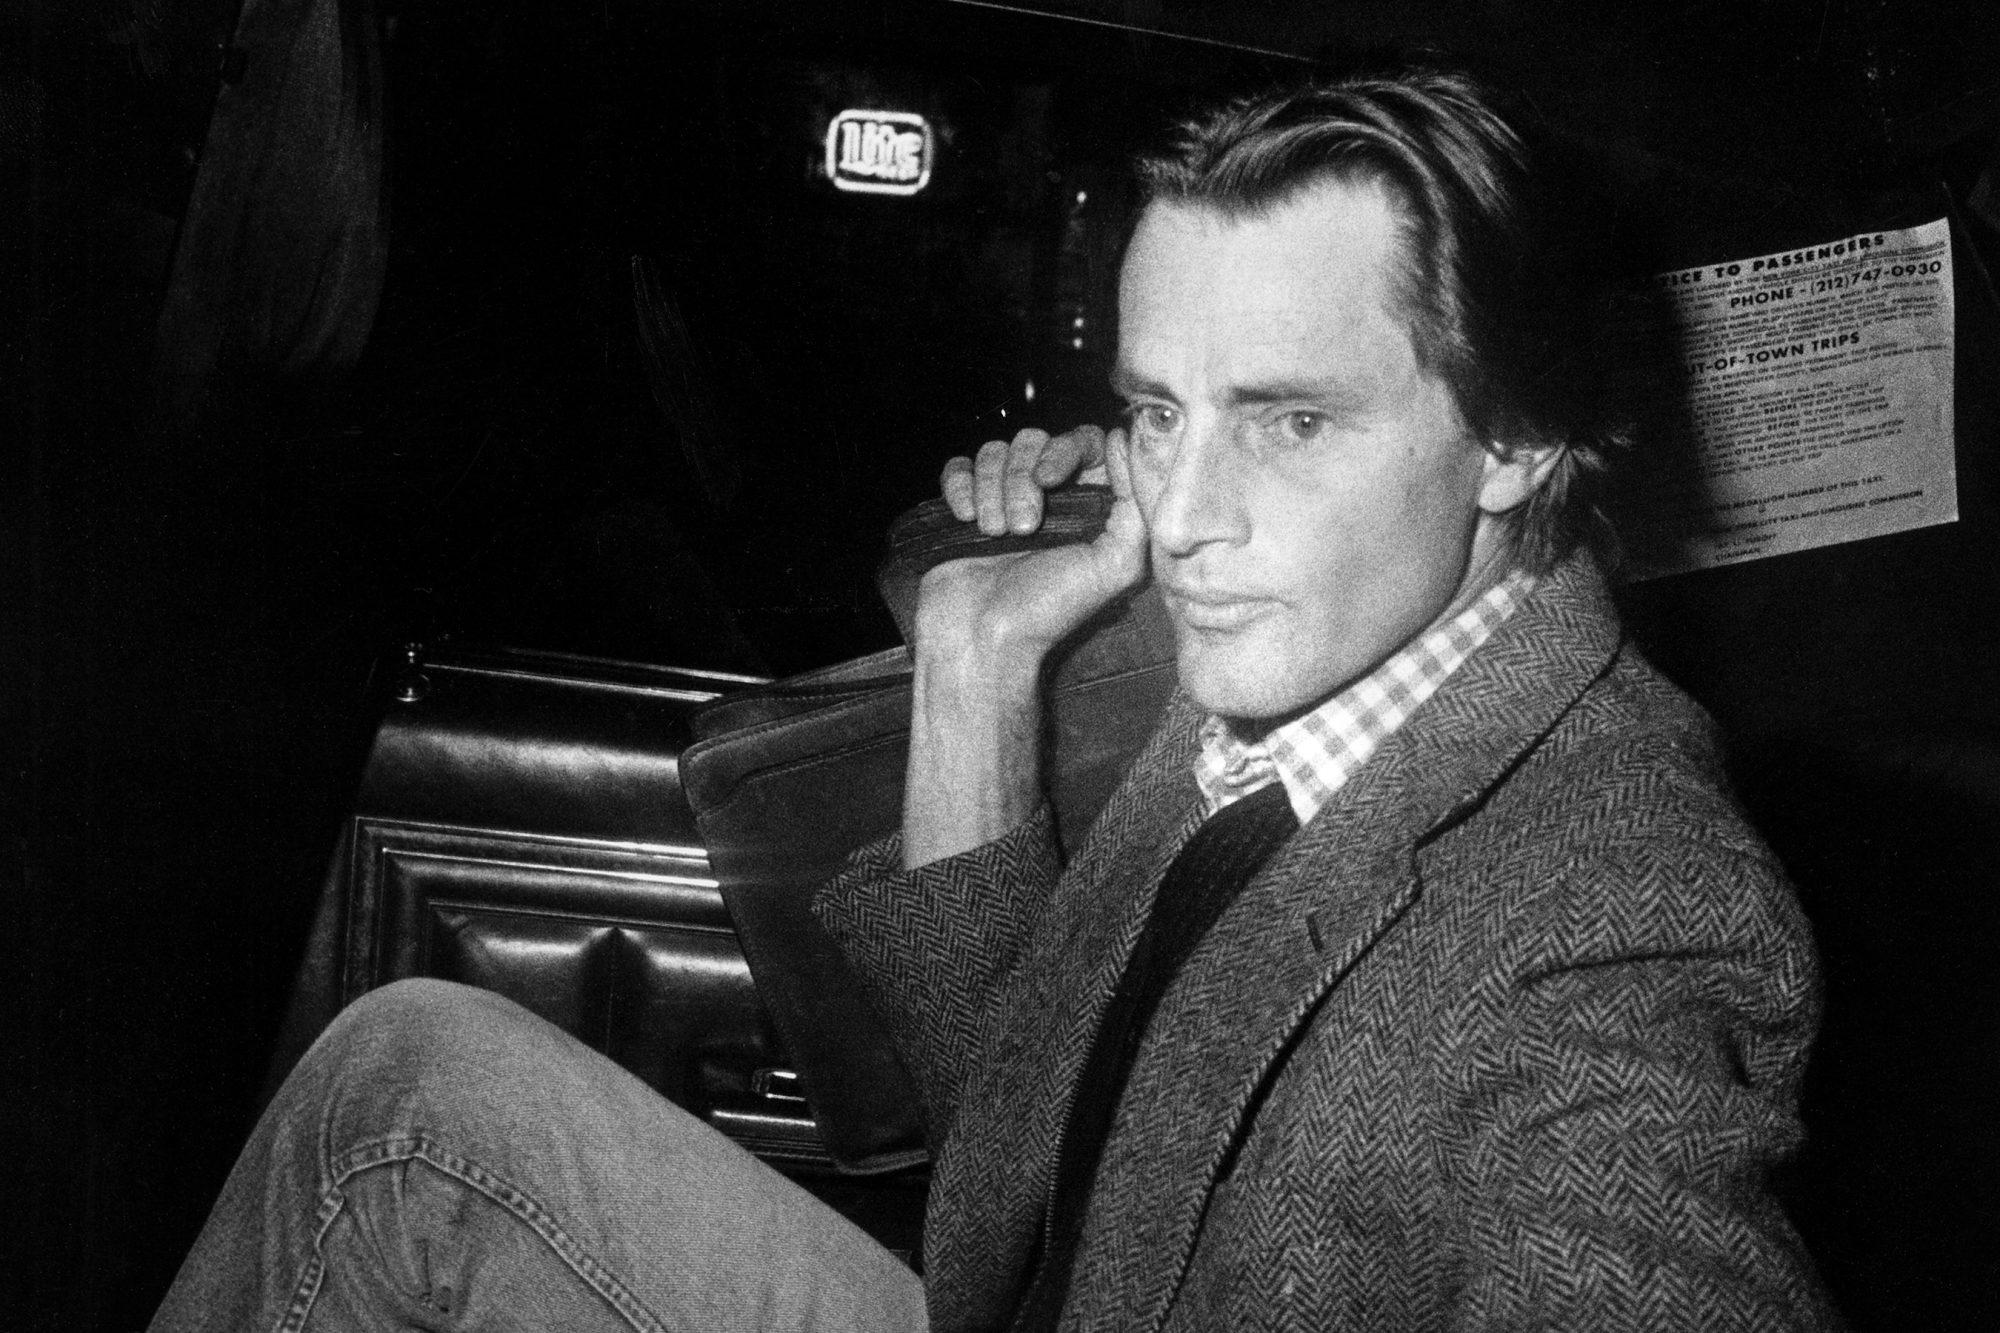 Sam Shepard Sighting in New York City - September 14, 1988